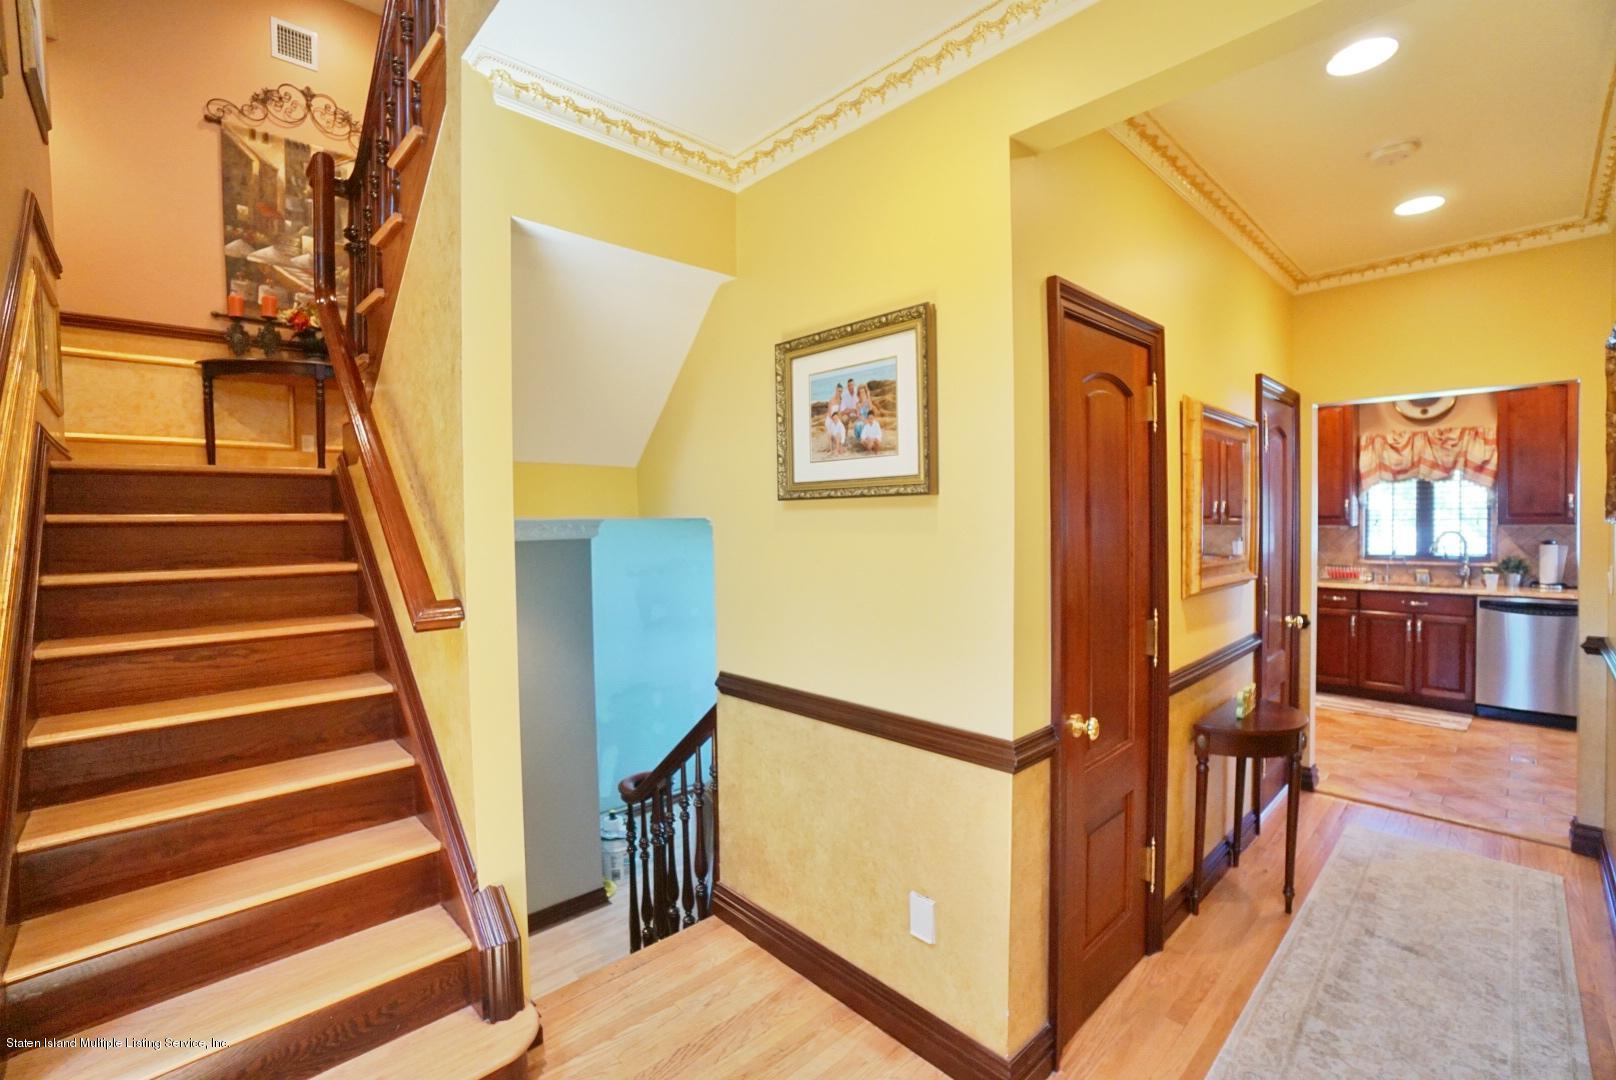 Single Family - Detached 337 Thomas Street  Staten Island, NY 10306, MLS-1129114-28